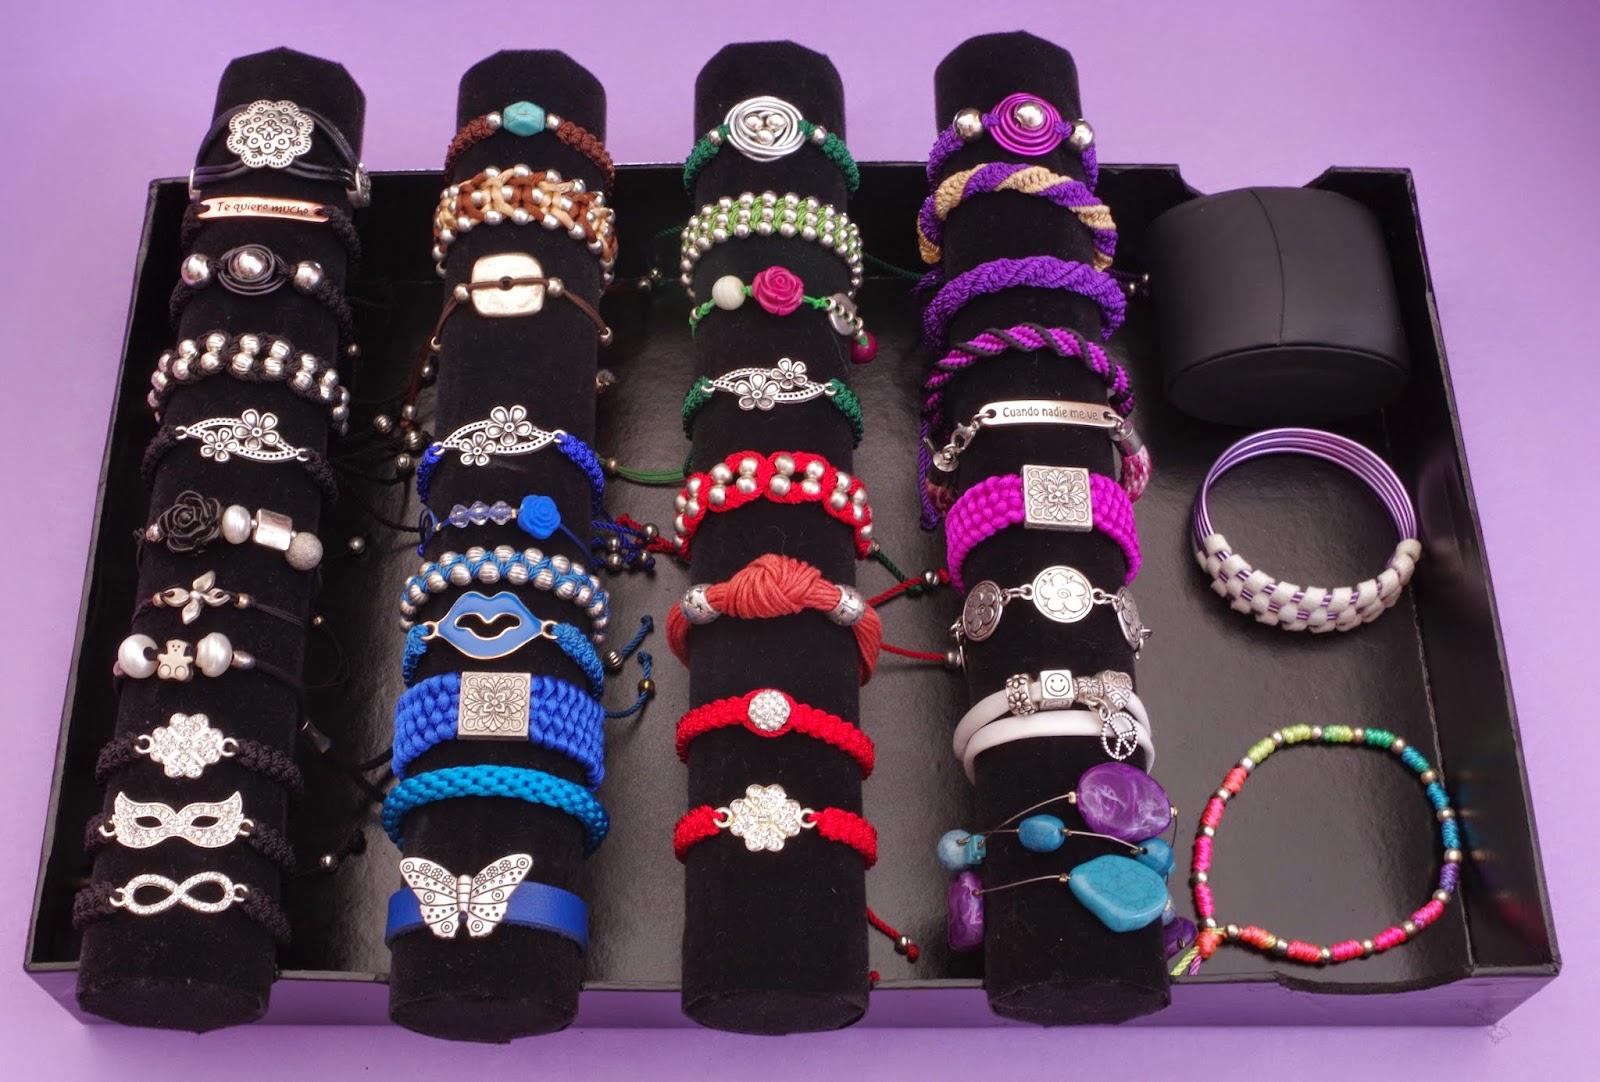 Otra idea, que me fabriqué yo misma, para guardar y mantener ordenadas mis  pulseras es ésta. Y también hice un organizador para mis anillos